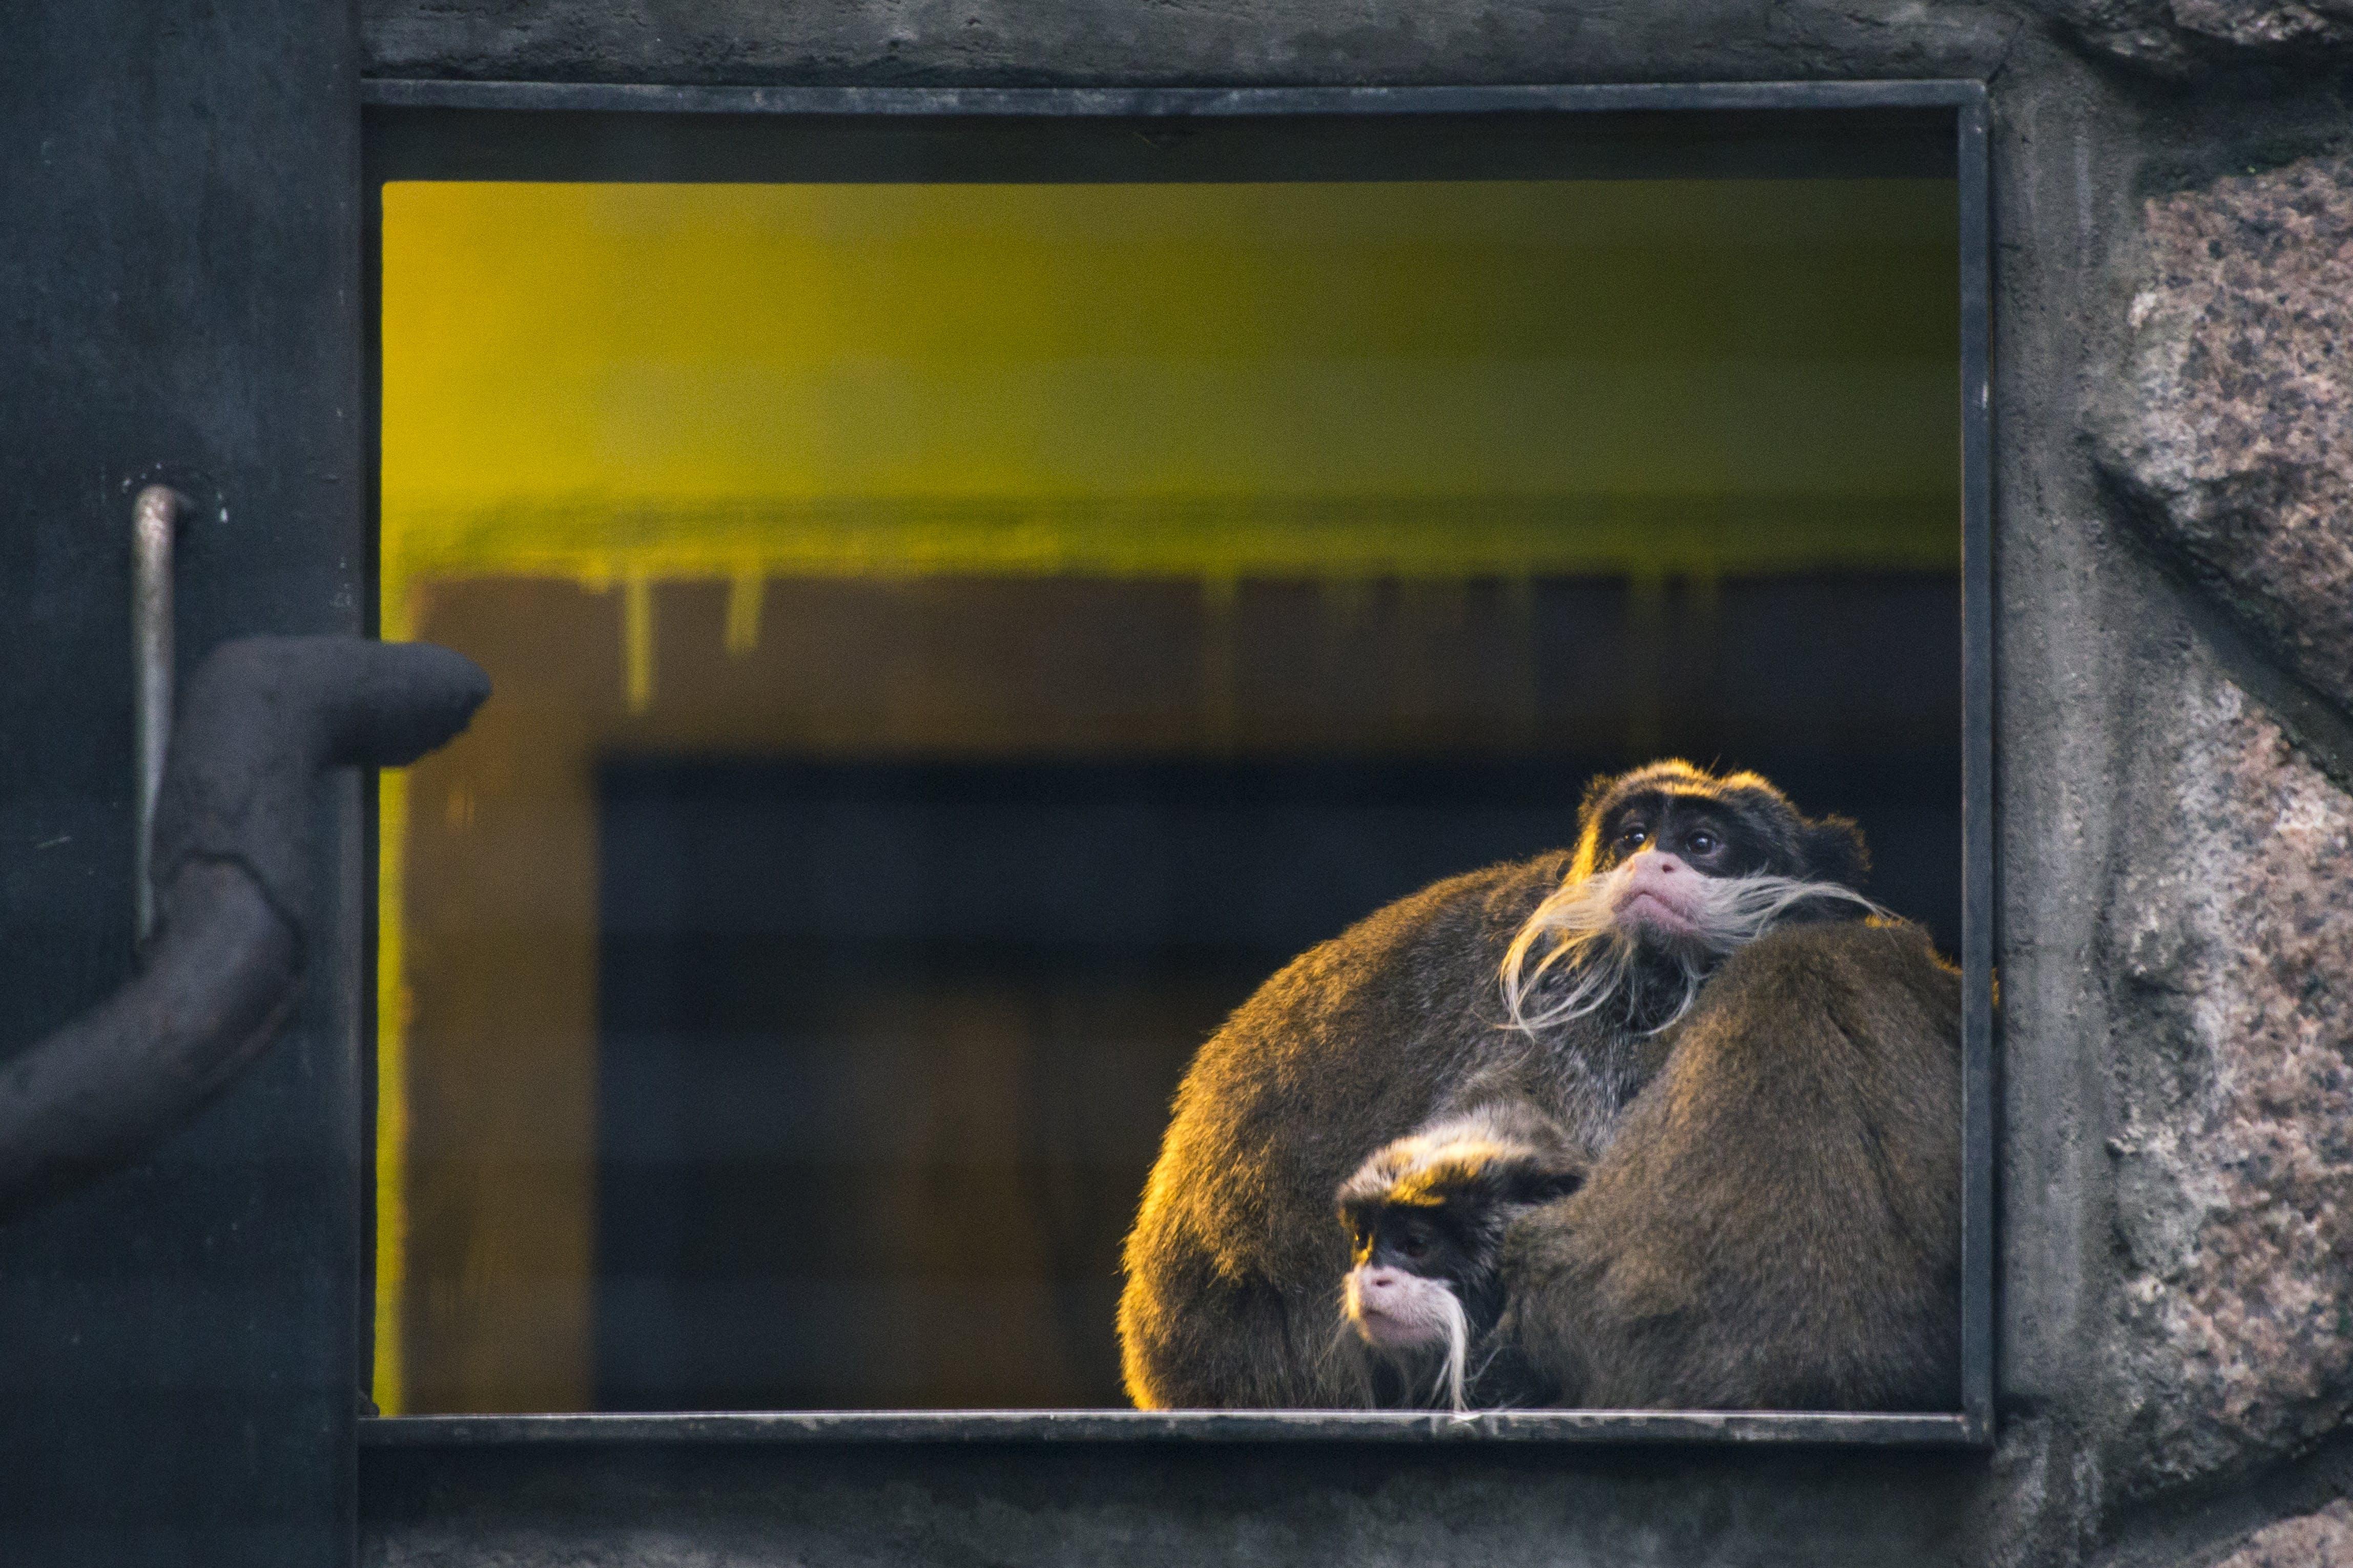 Δωρεάν στοκ φωτογραφιών με ασφάλεια, γούνα, εσωτερικοί χώροι, ζώο